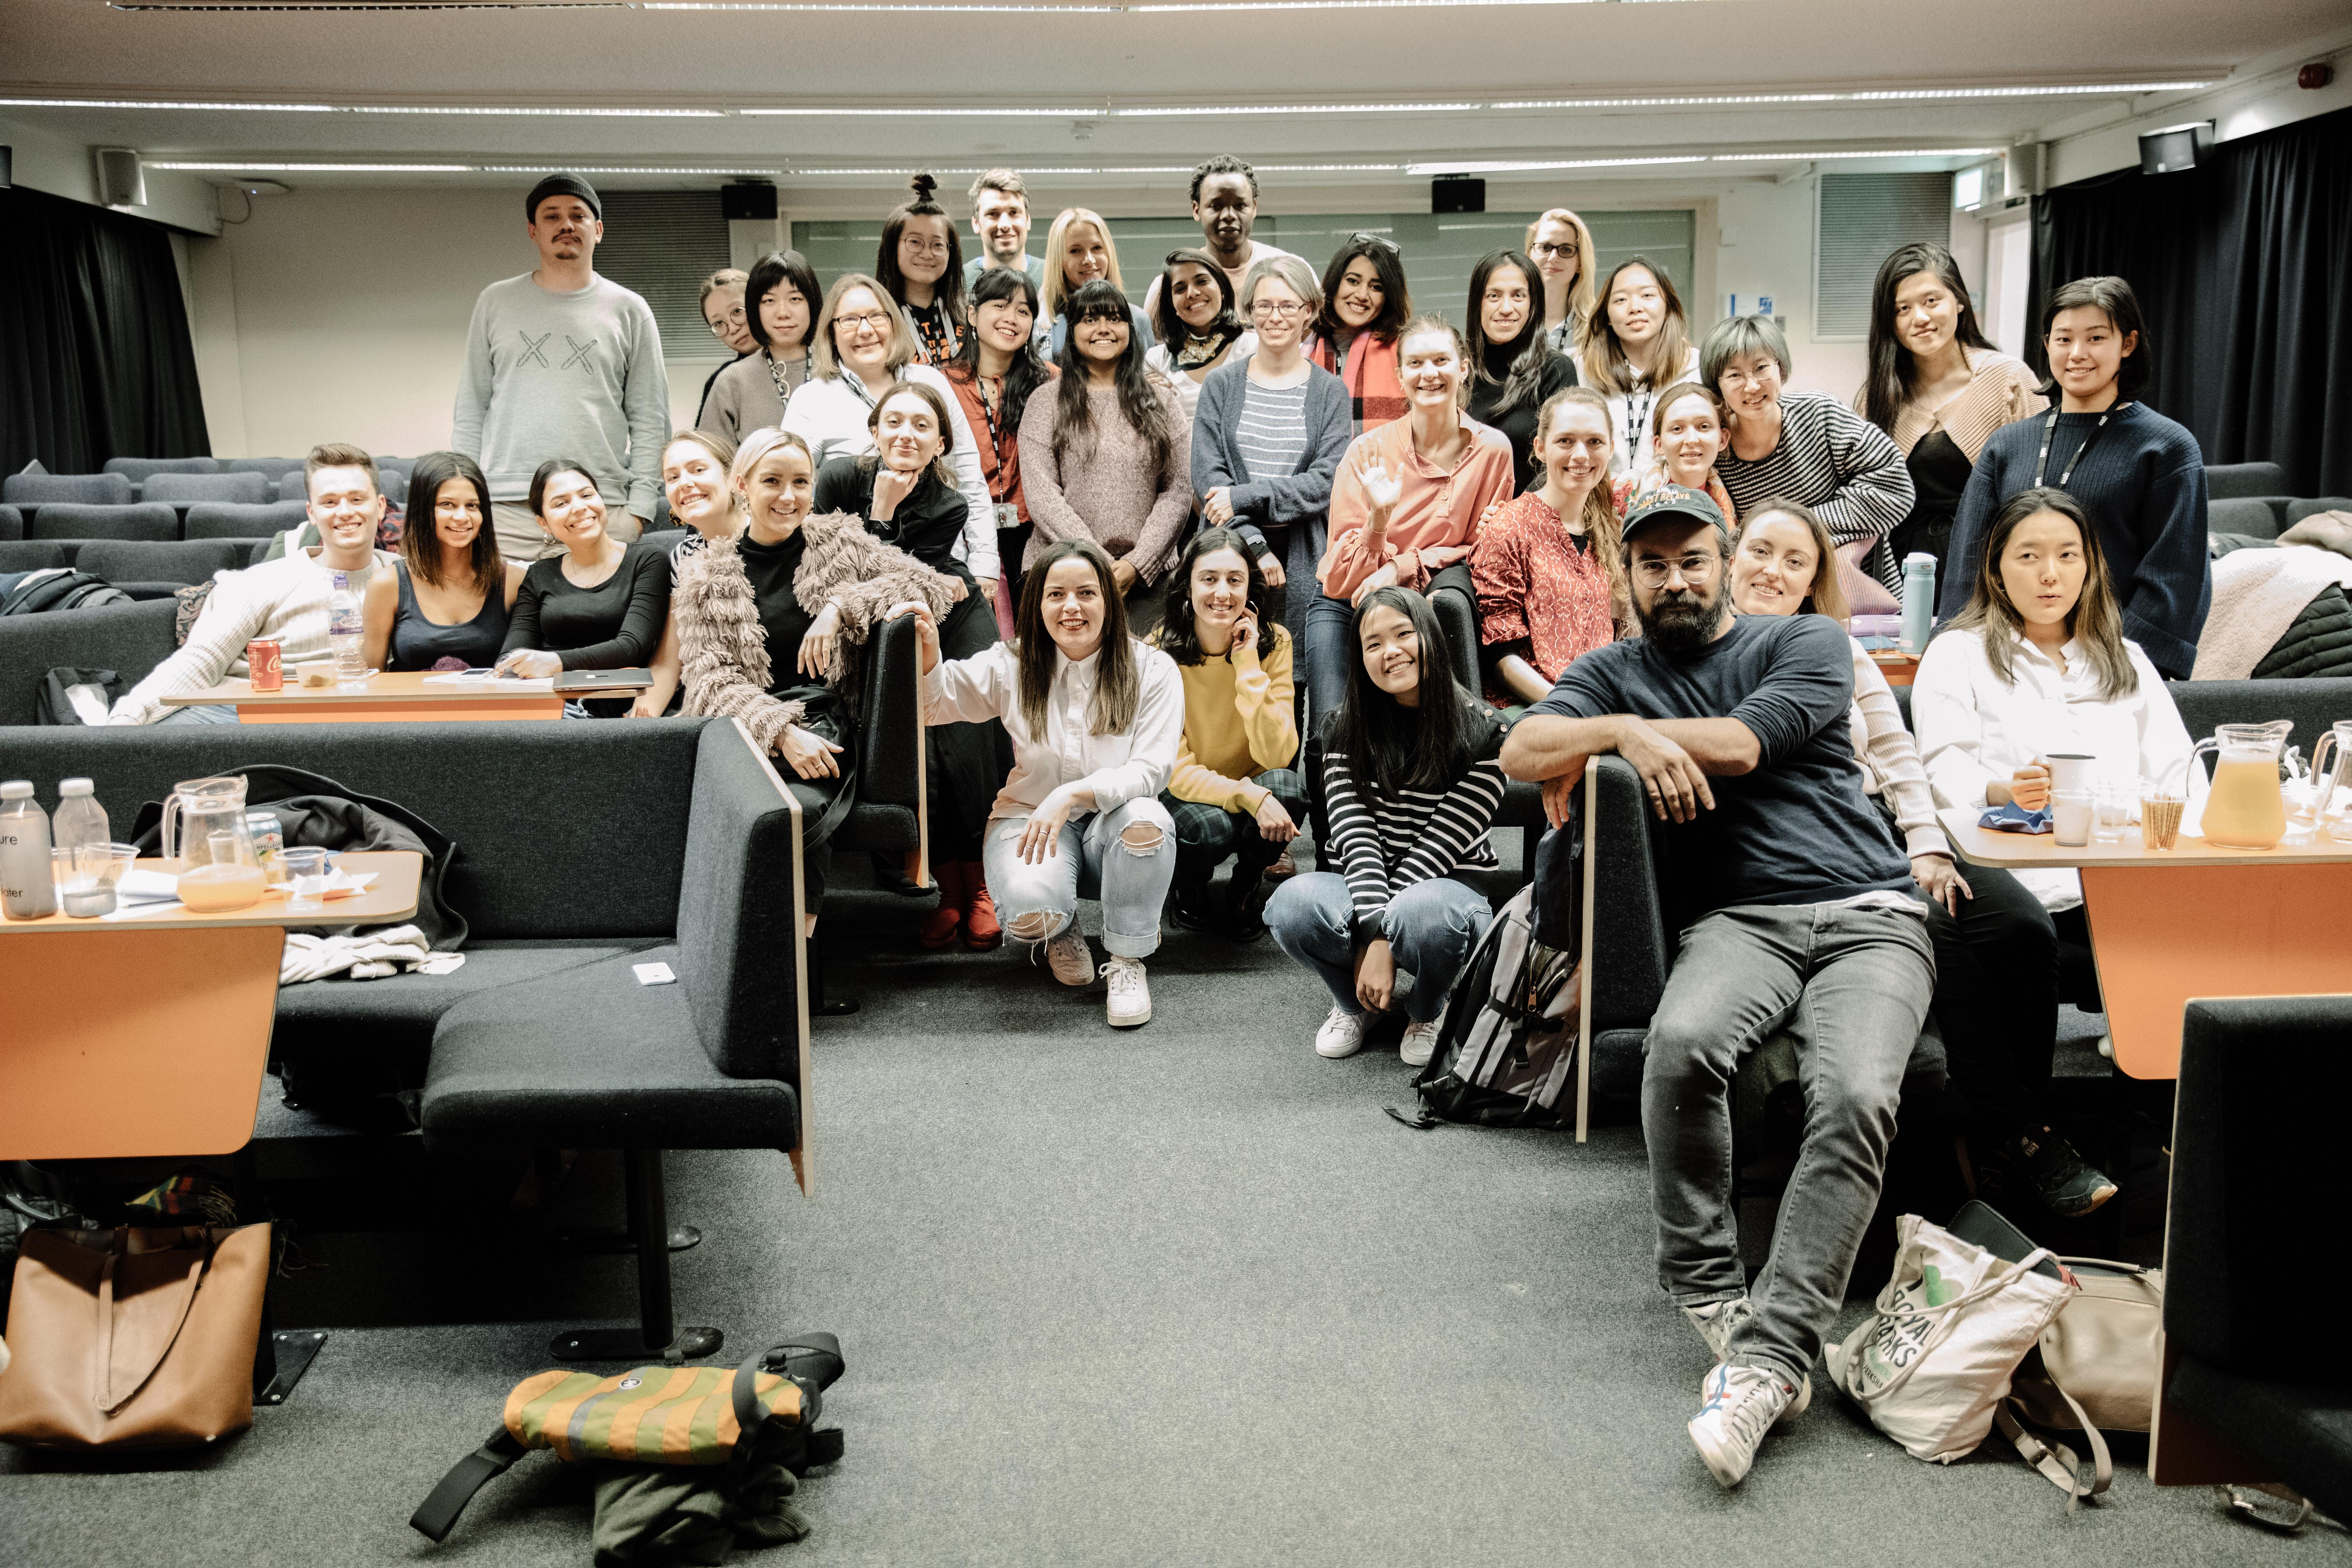 Hackathon Participants in a large group